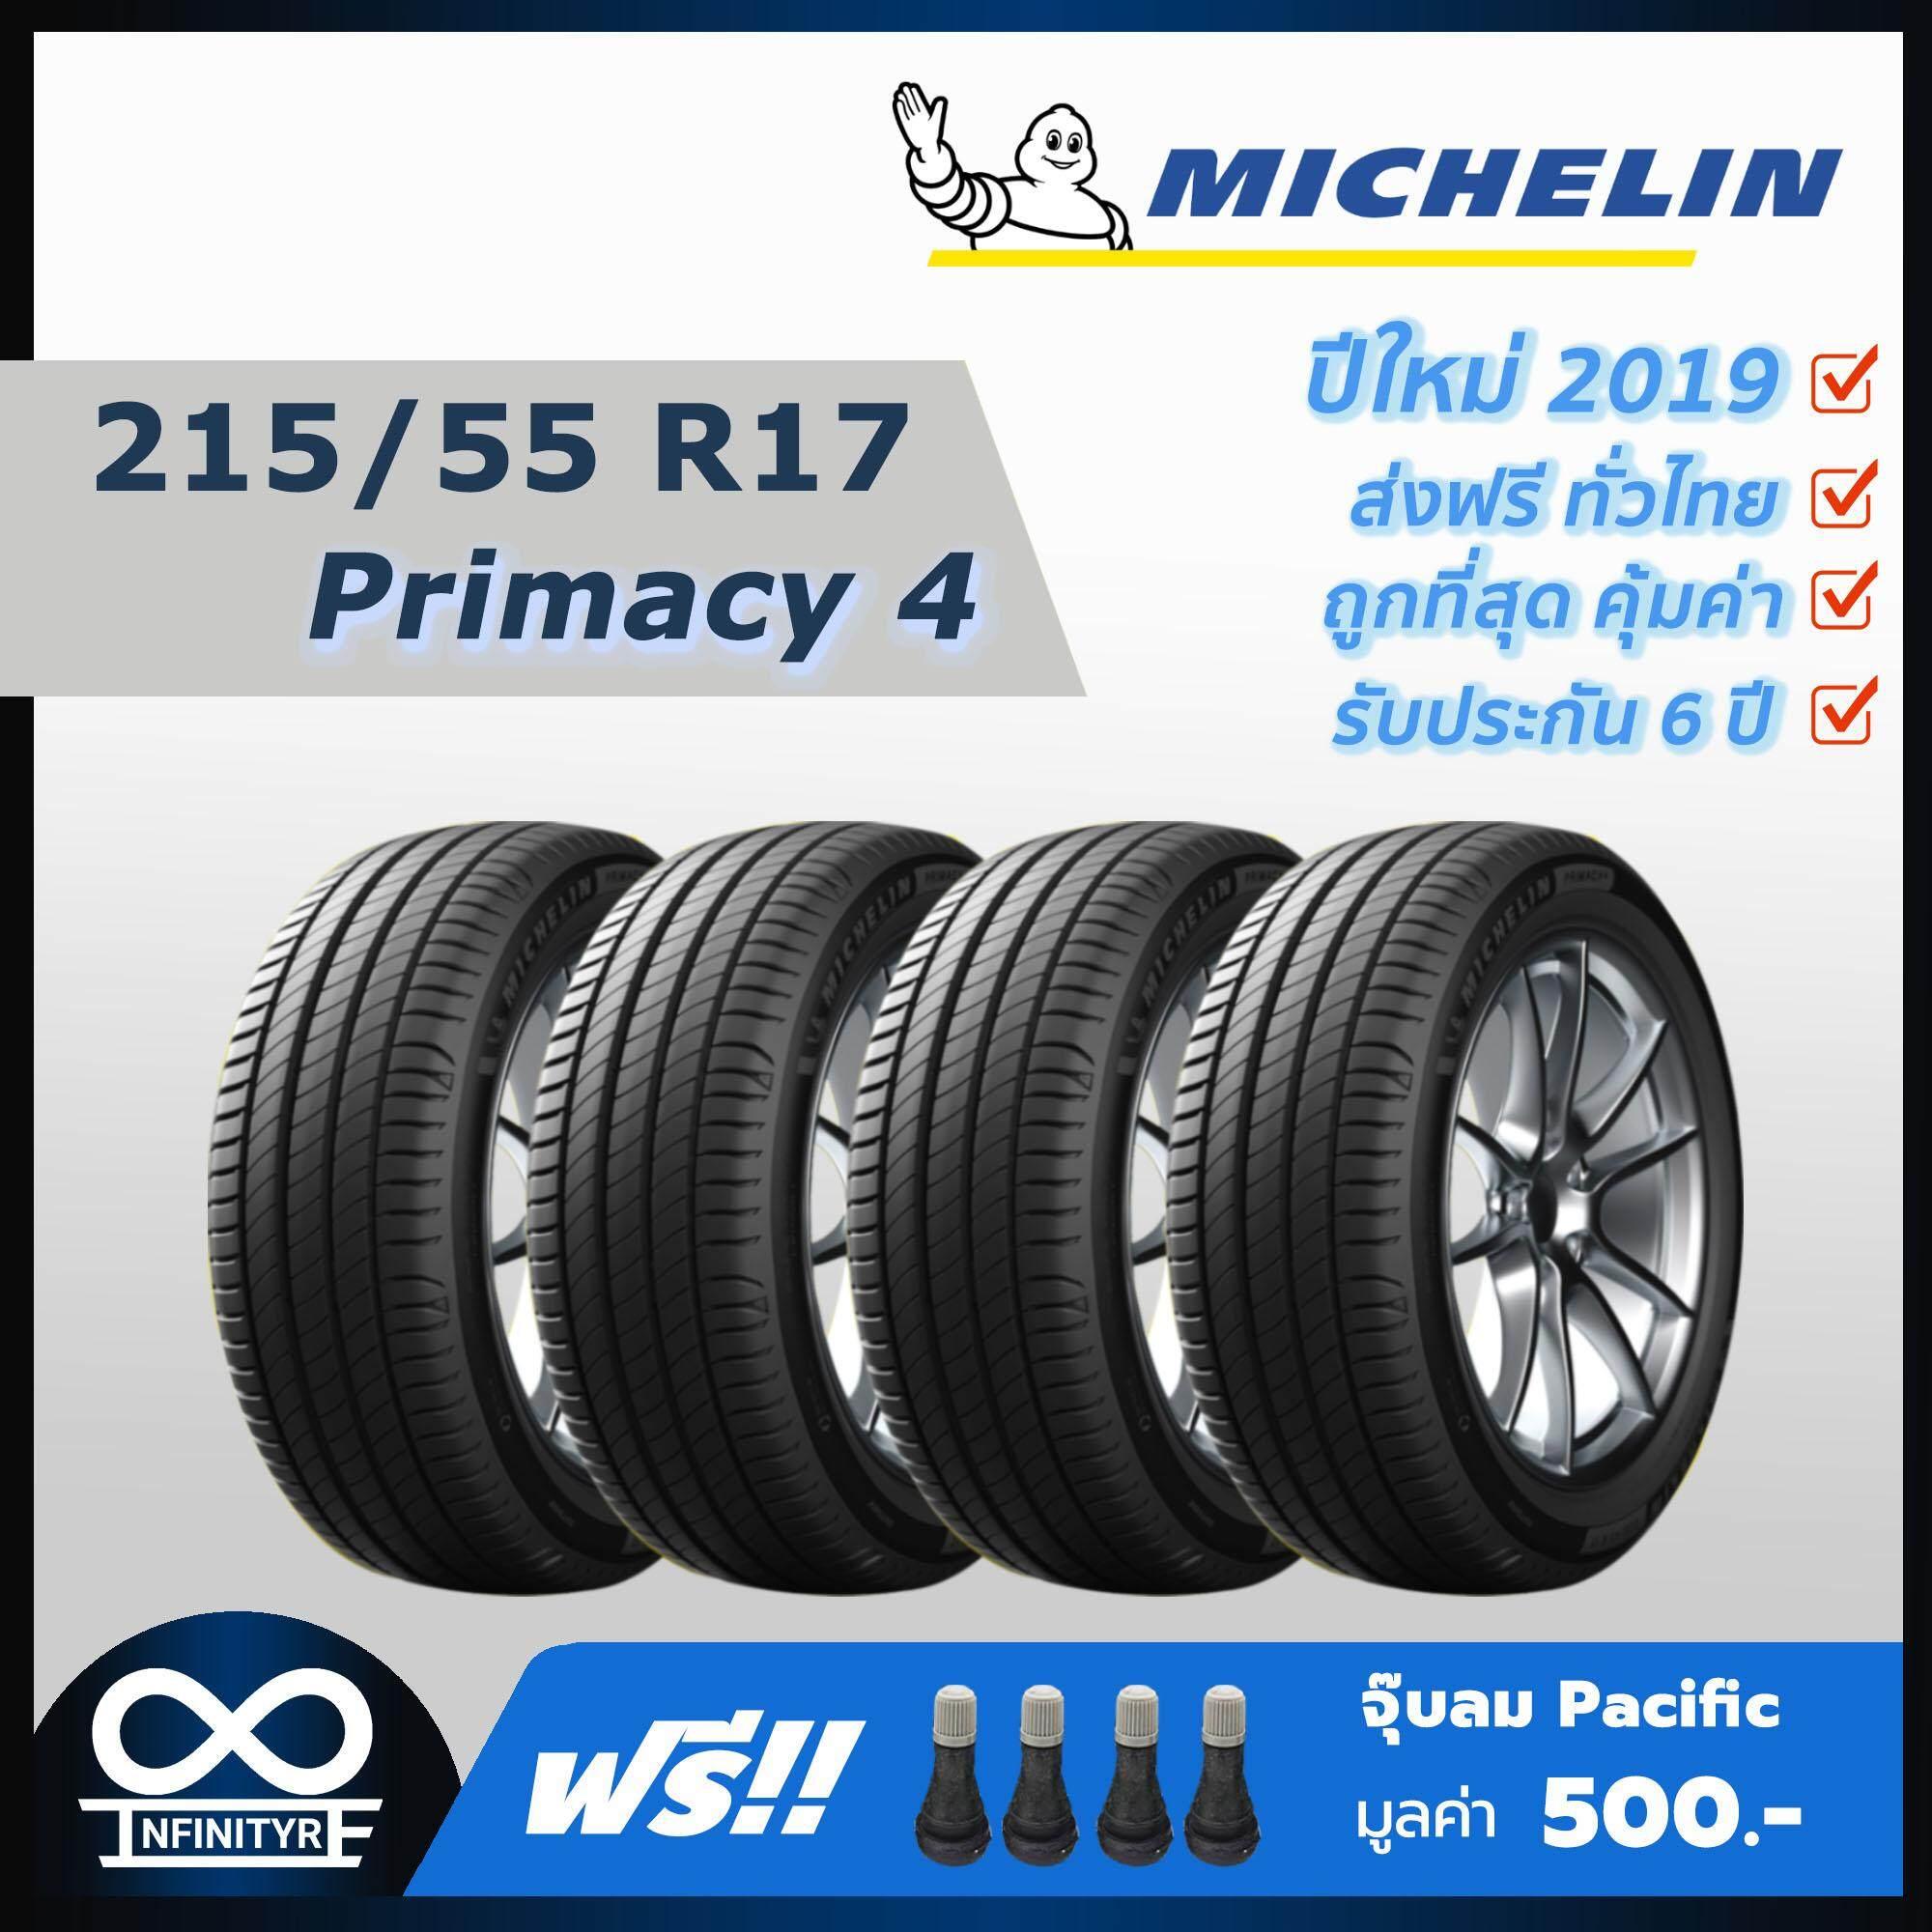 พังงา 215/55R17 Michelin มิชลิน รุ่น Primacy 4 (ปี2019) 4เส้น (ฟรี! จุ๊บลมPacific เกรดพรีเมี่ยม)